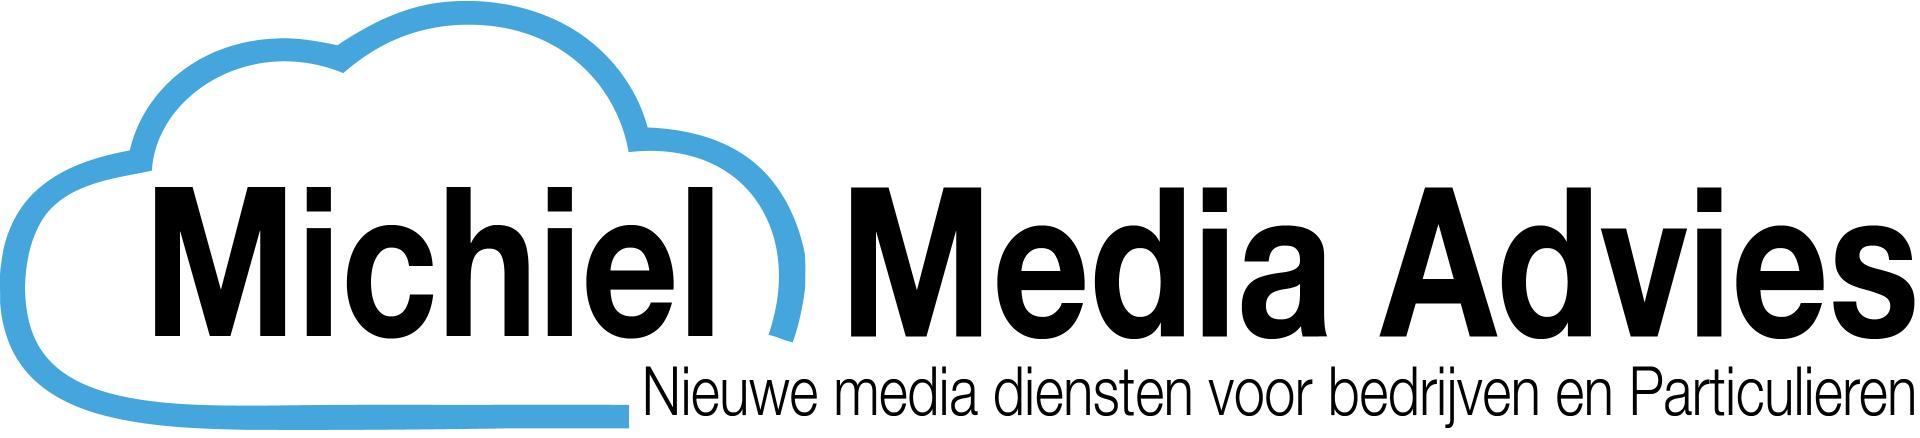 Michiel Media Advies